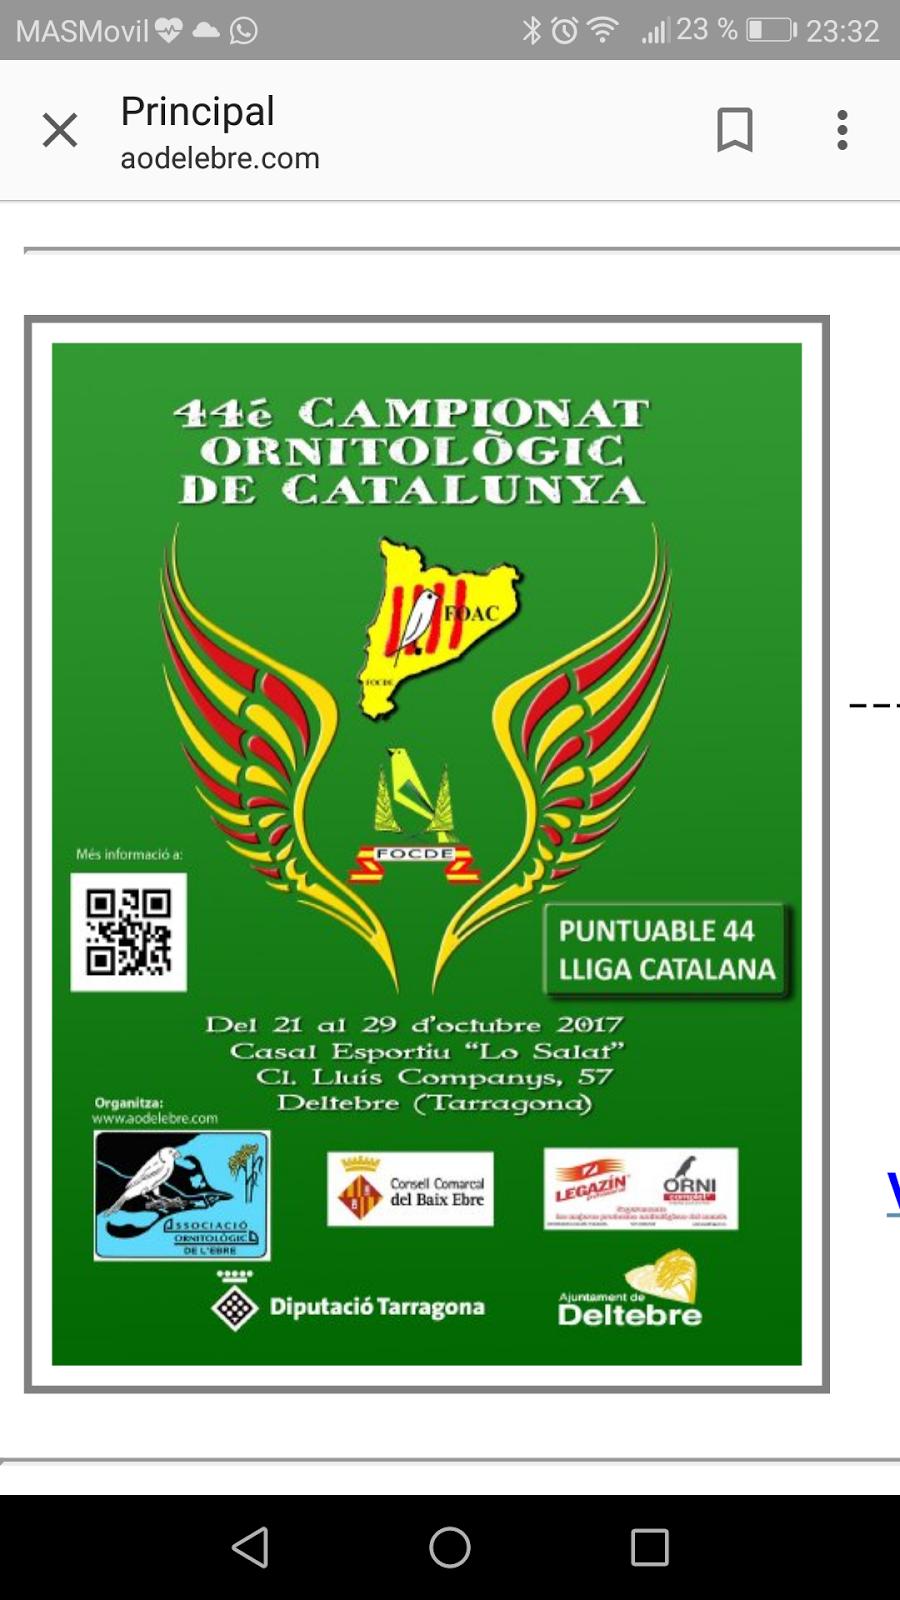 44 Campeonato ornit. Catalunya